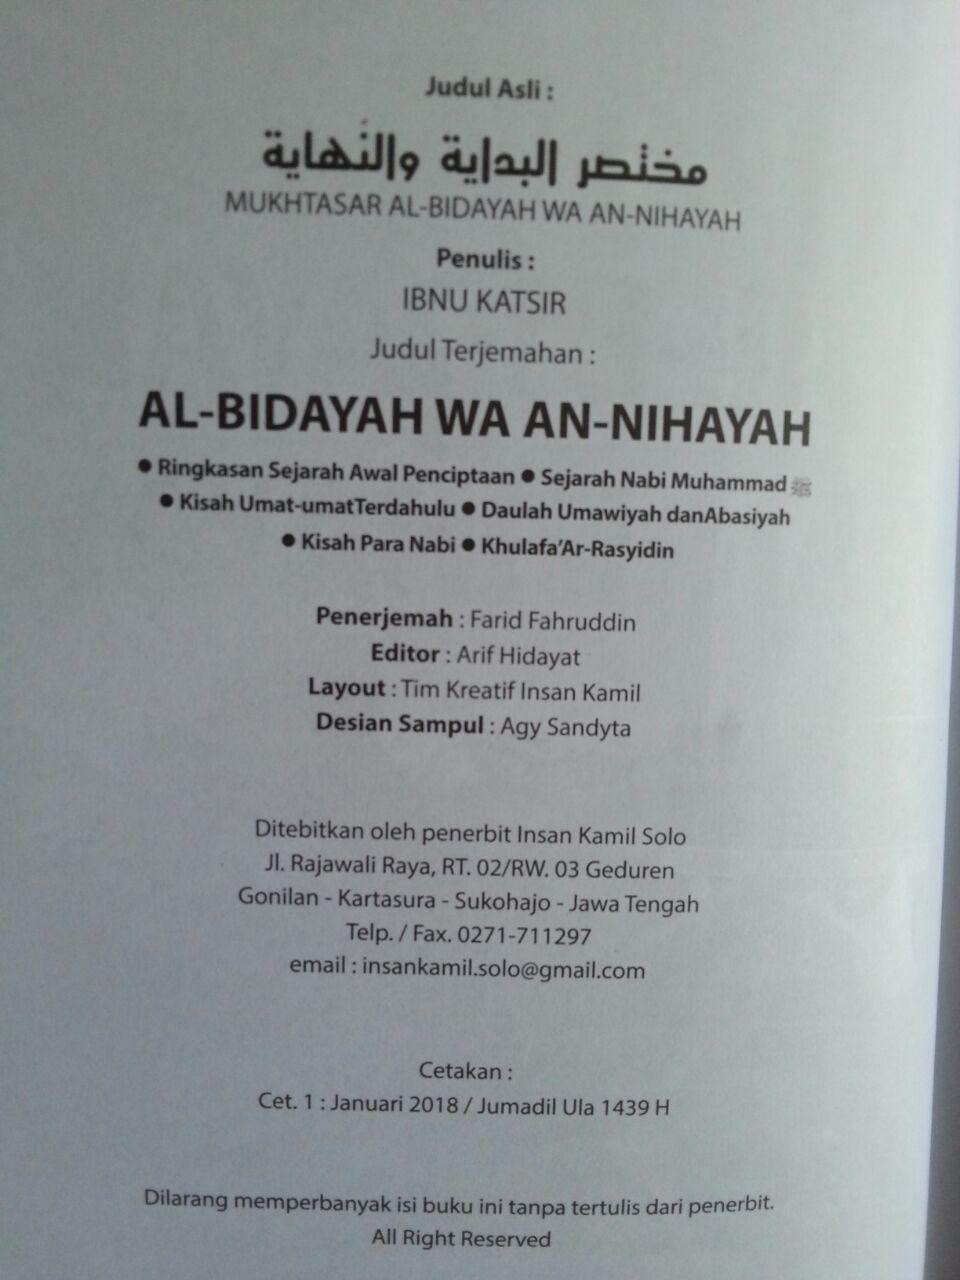 Buku Mukhtashar Al-Bidayah Wa An-Nihayah Ibnu Katsir isi